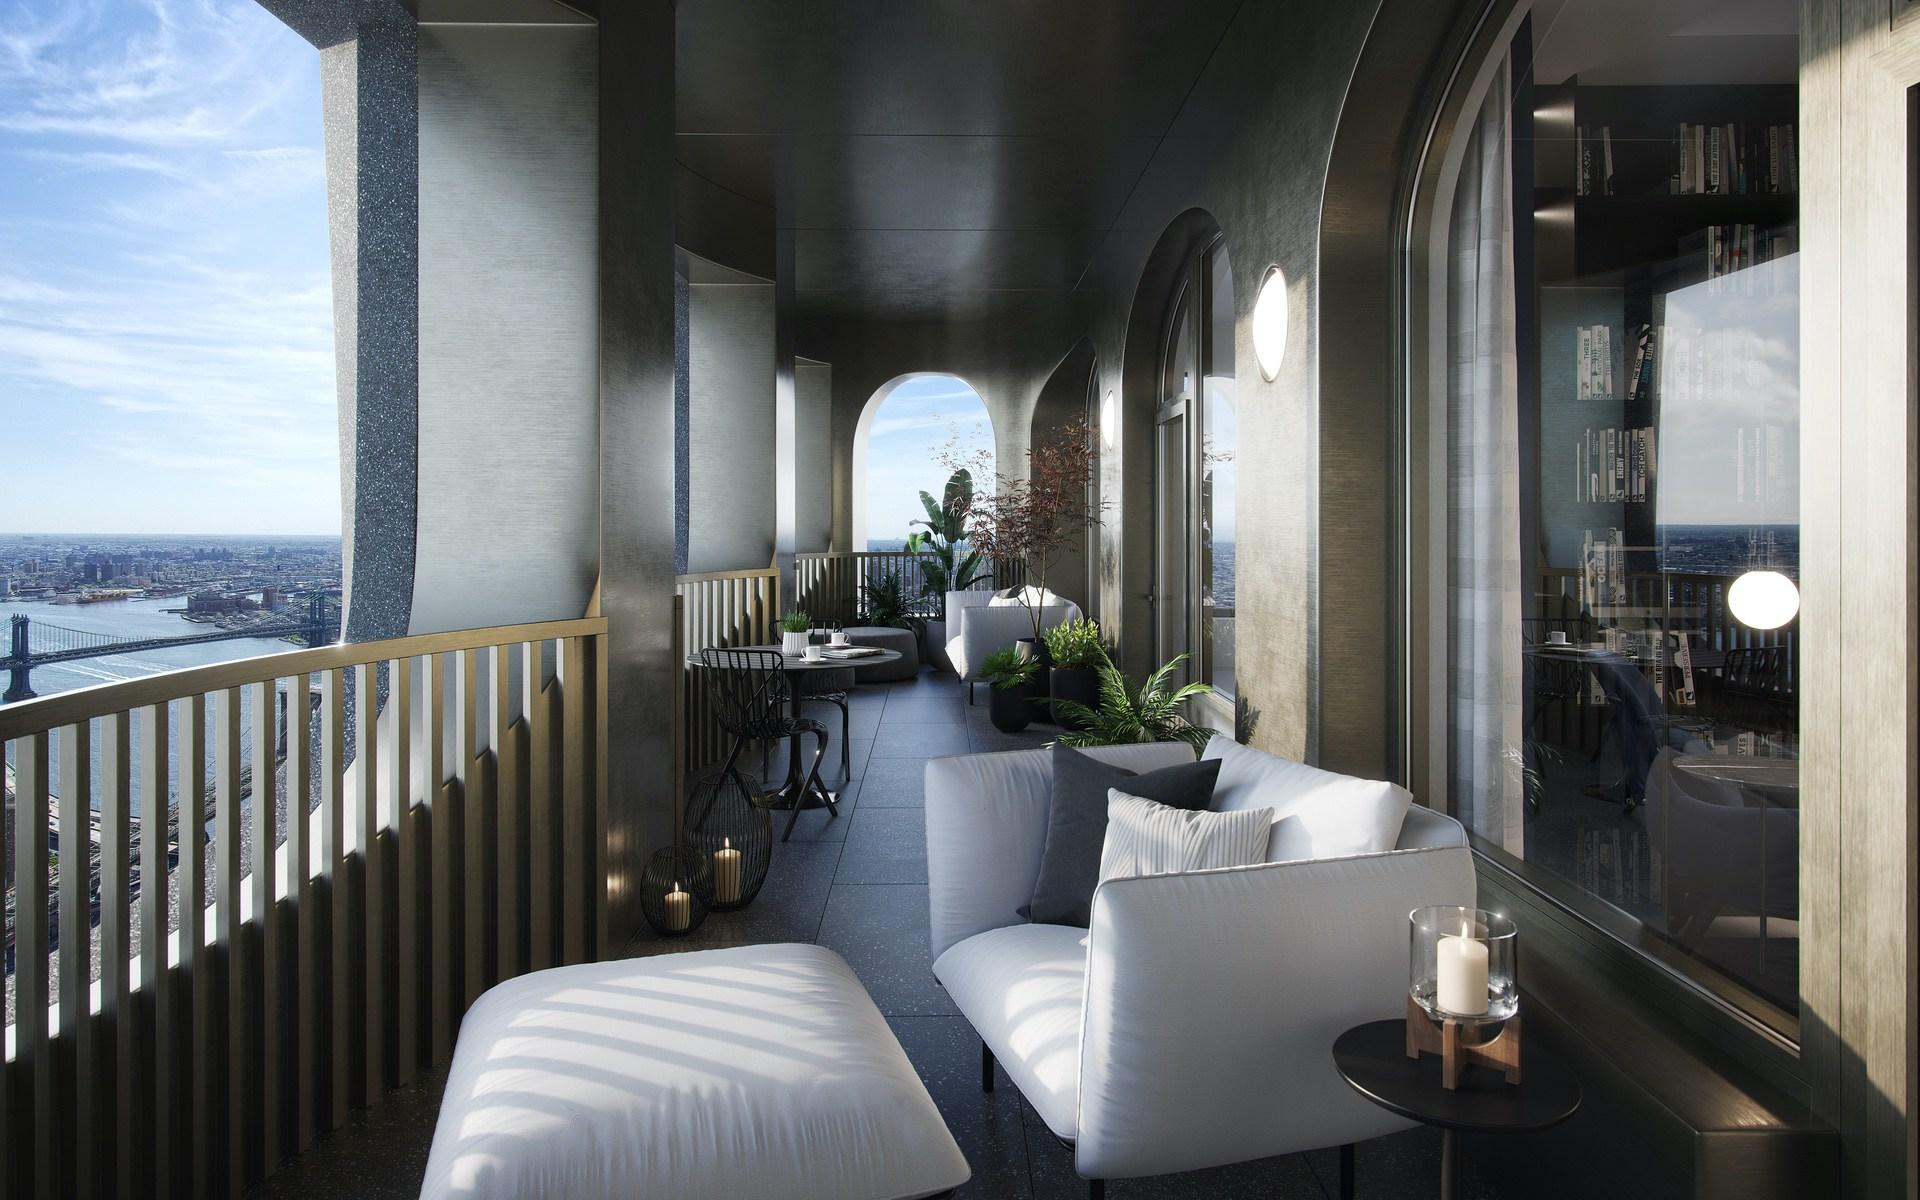 Aston_Martin_NY_Apartments_0014